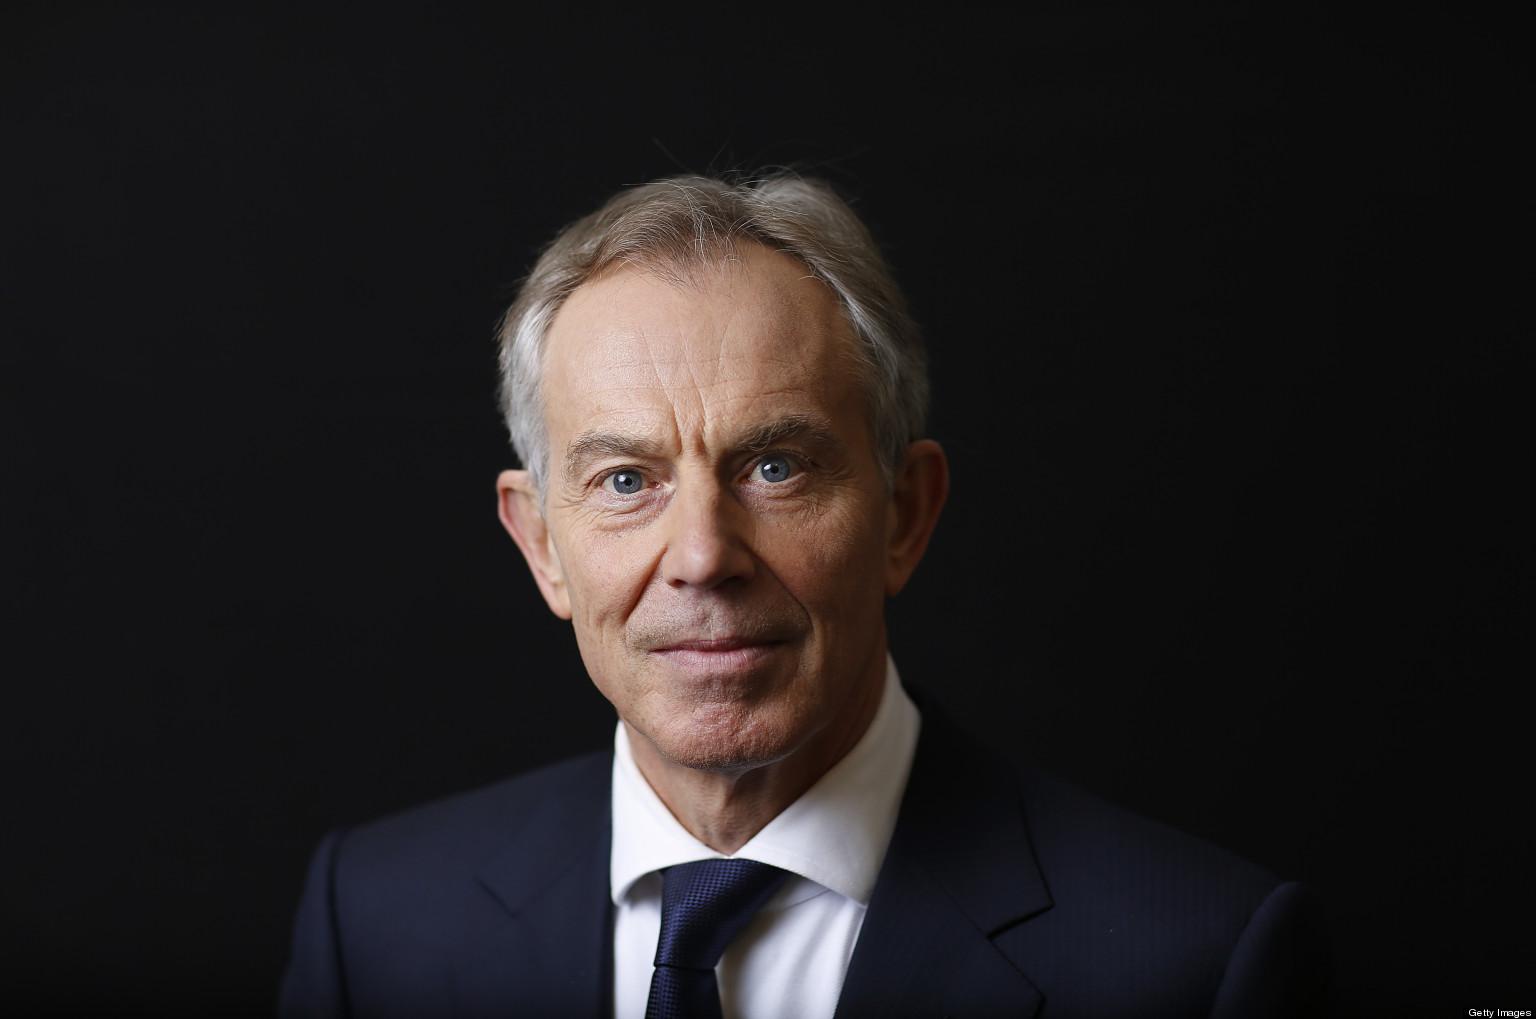 War on Iraq is a mistake – Tony Bair